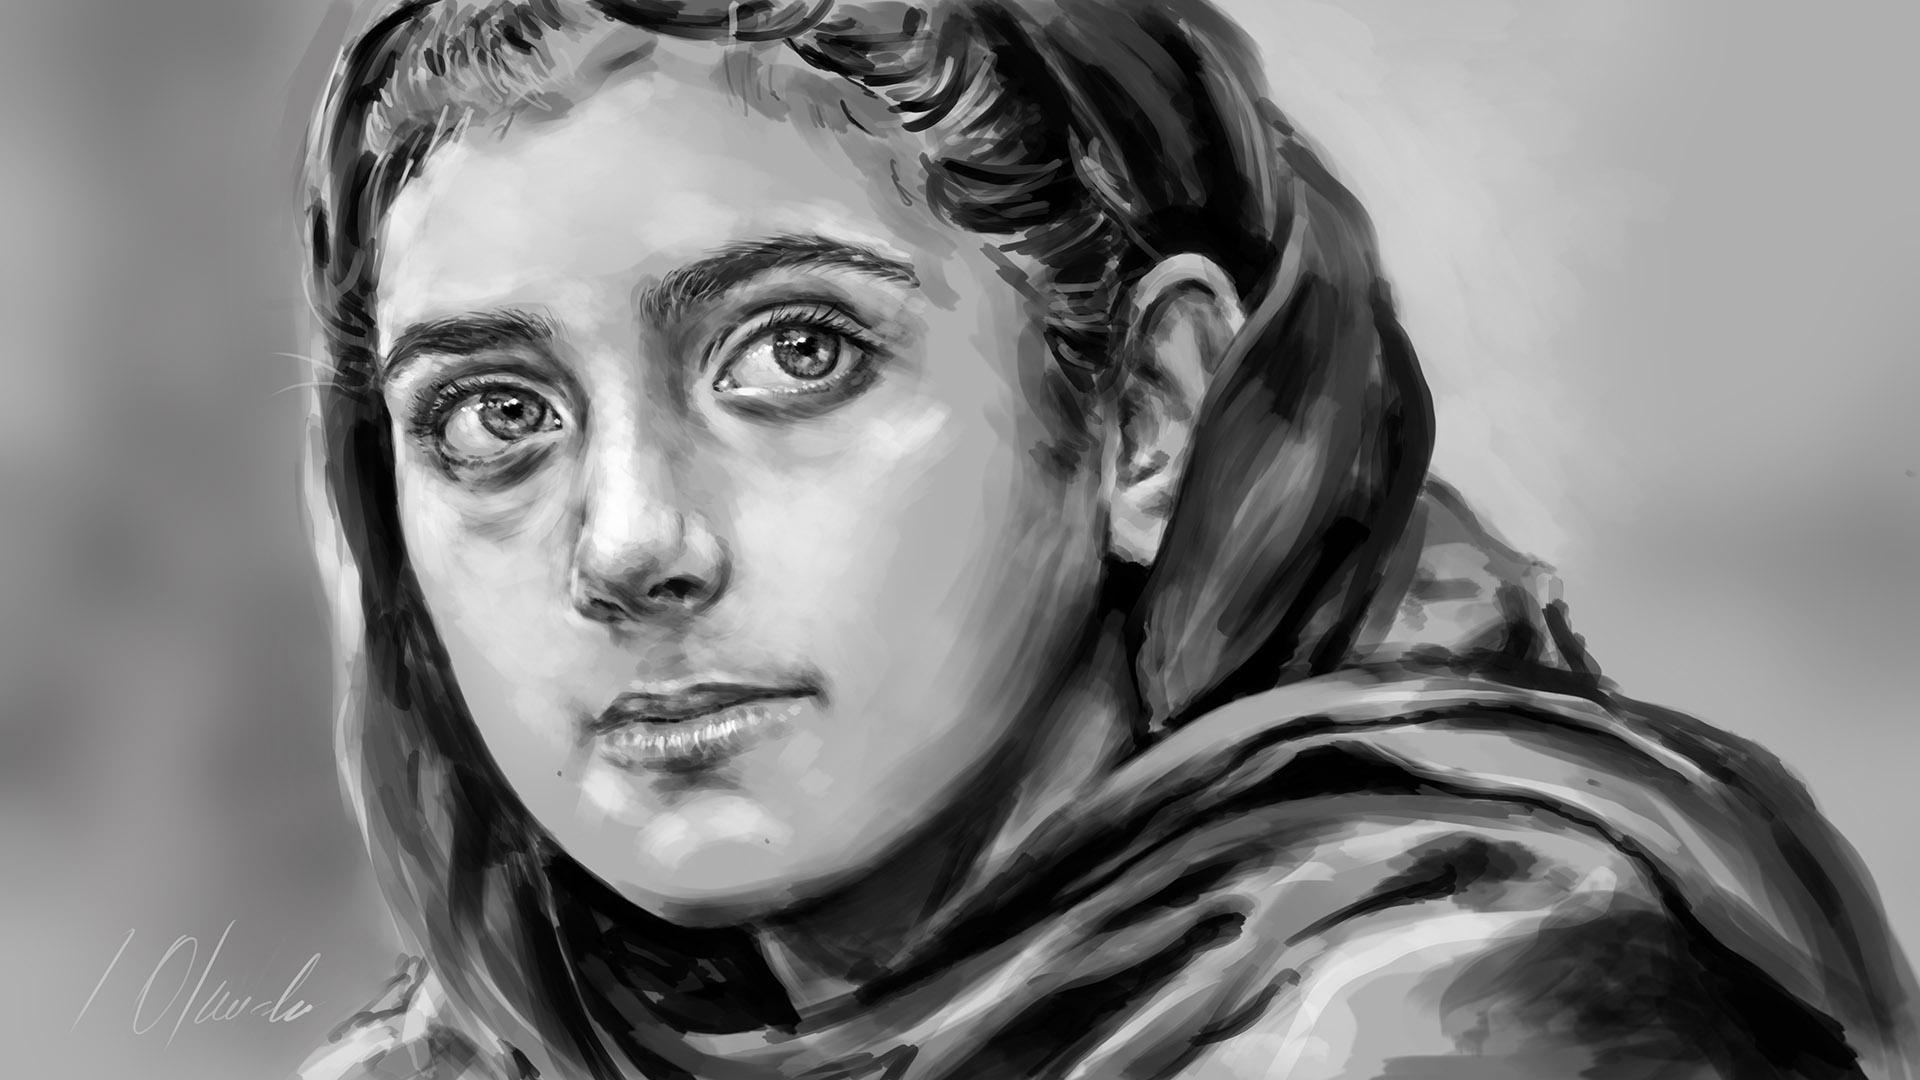 Nabila Rehman. Tableta gráfica. Javier Olmedo, 2016